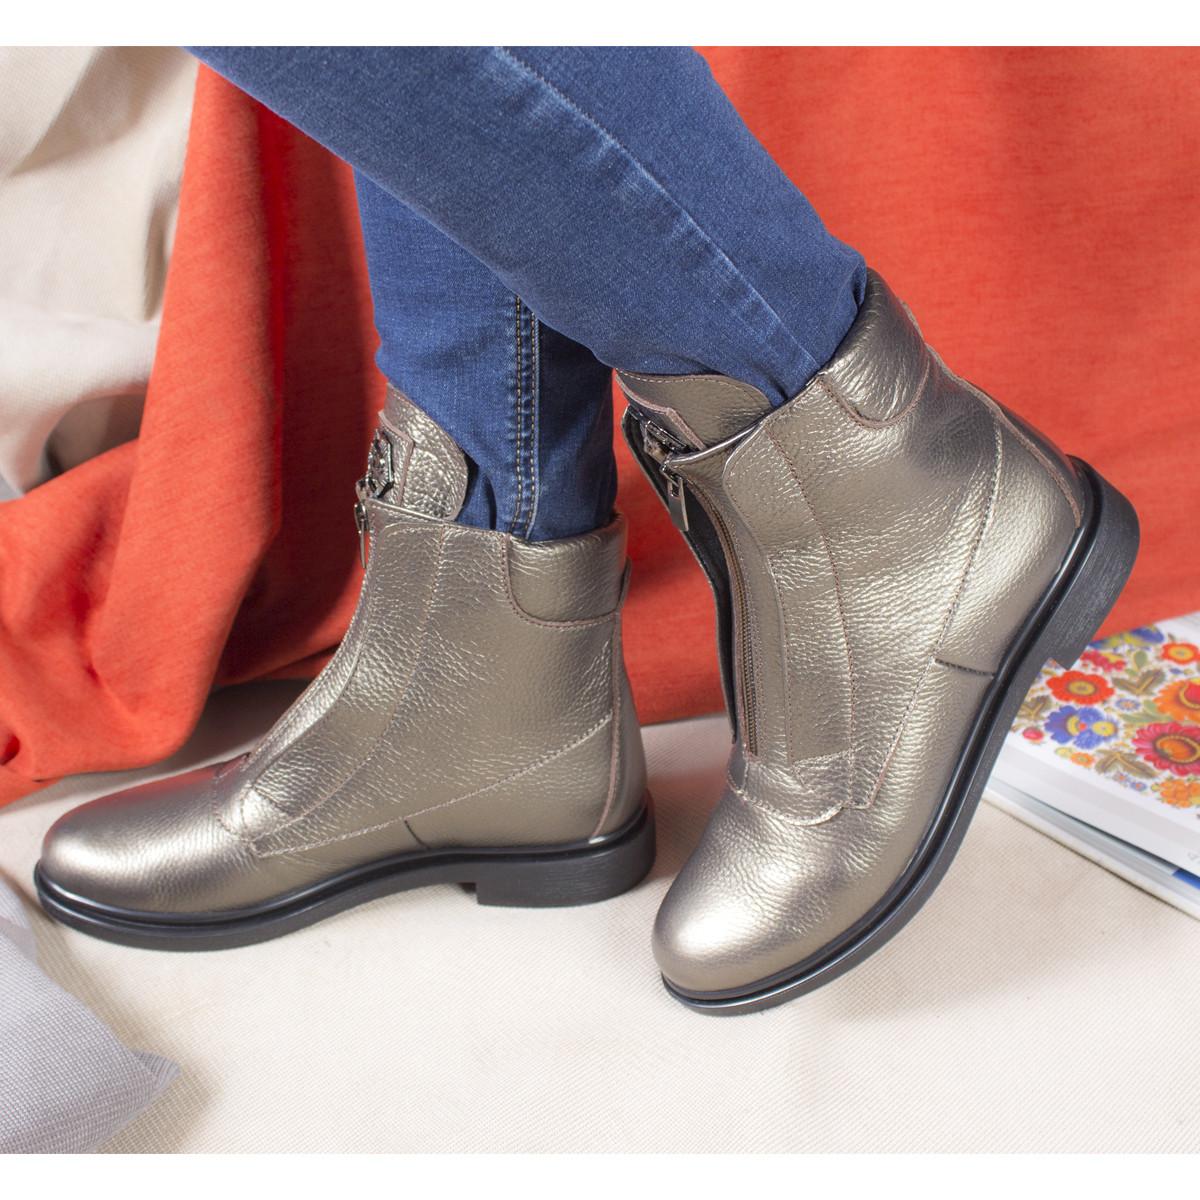 Кожаные ботинки женские демисезонные на флисе Рембо 36р. 01049